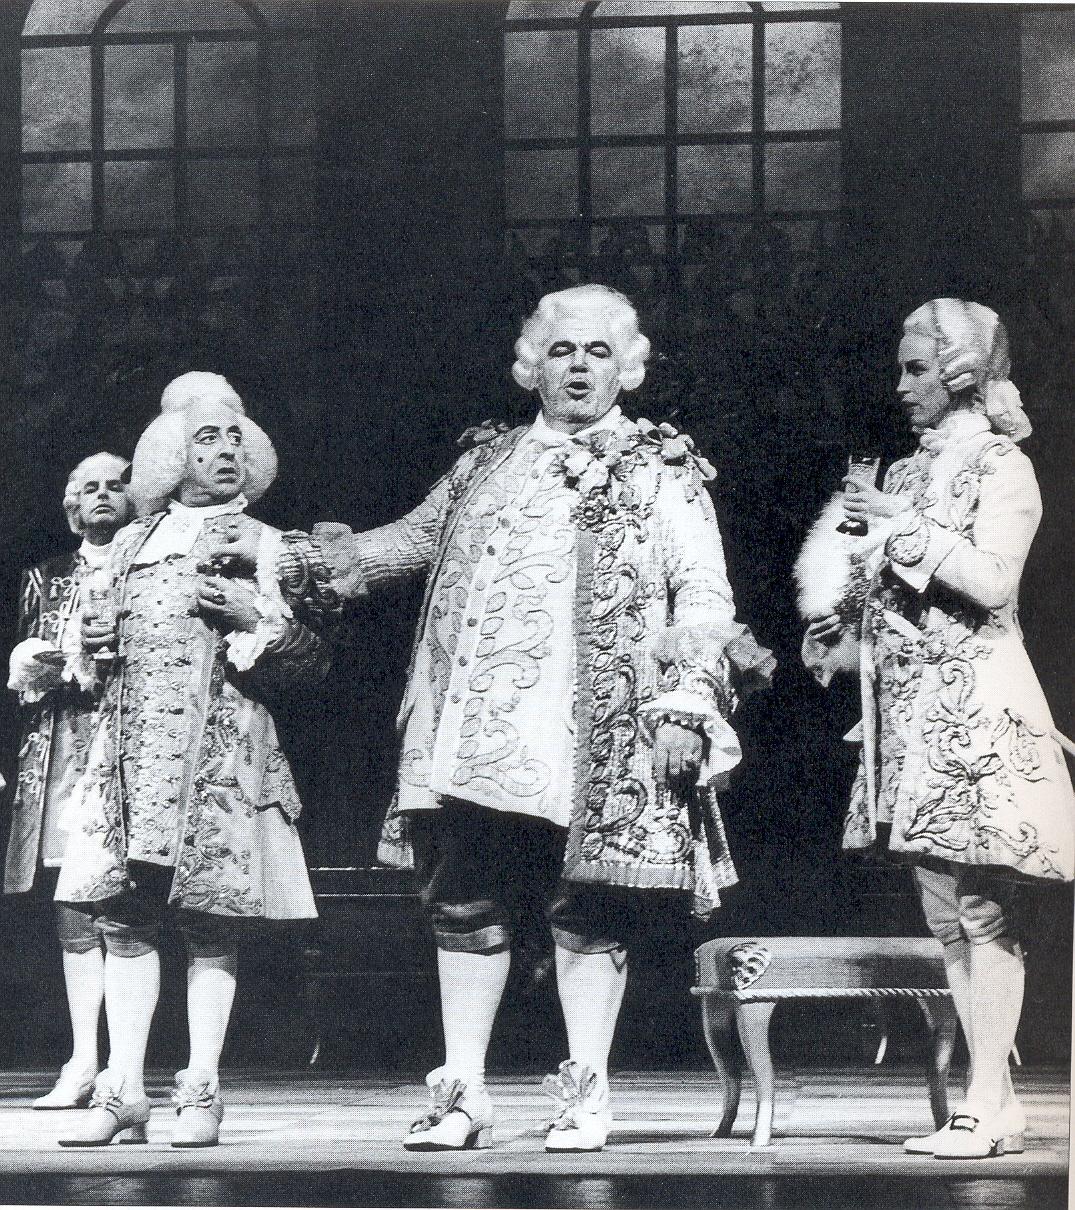 Der Rosenkavalier - R. Strauss